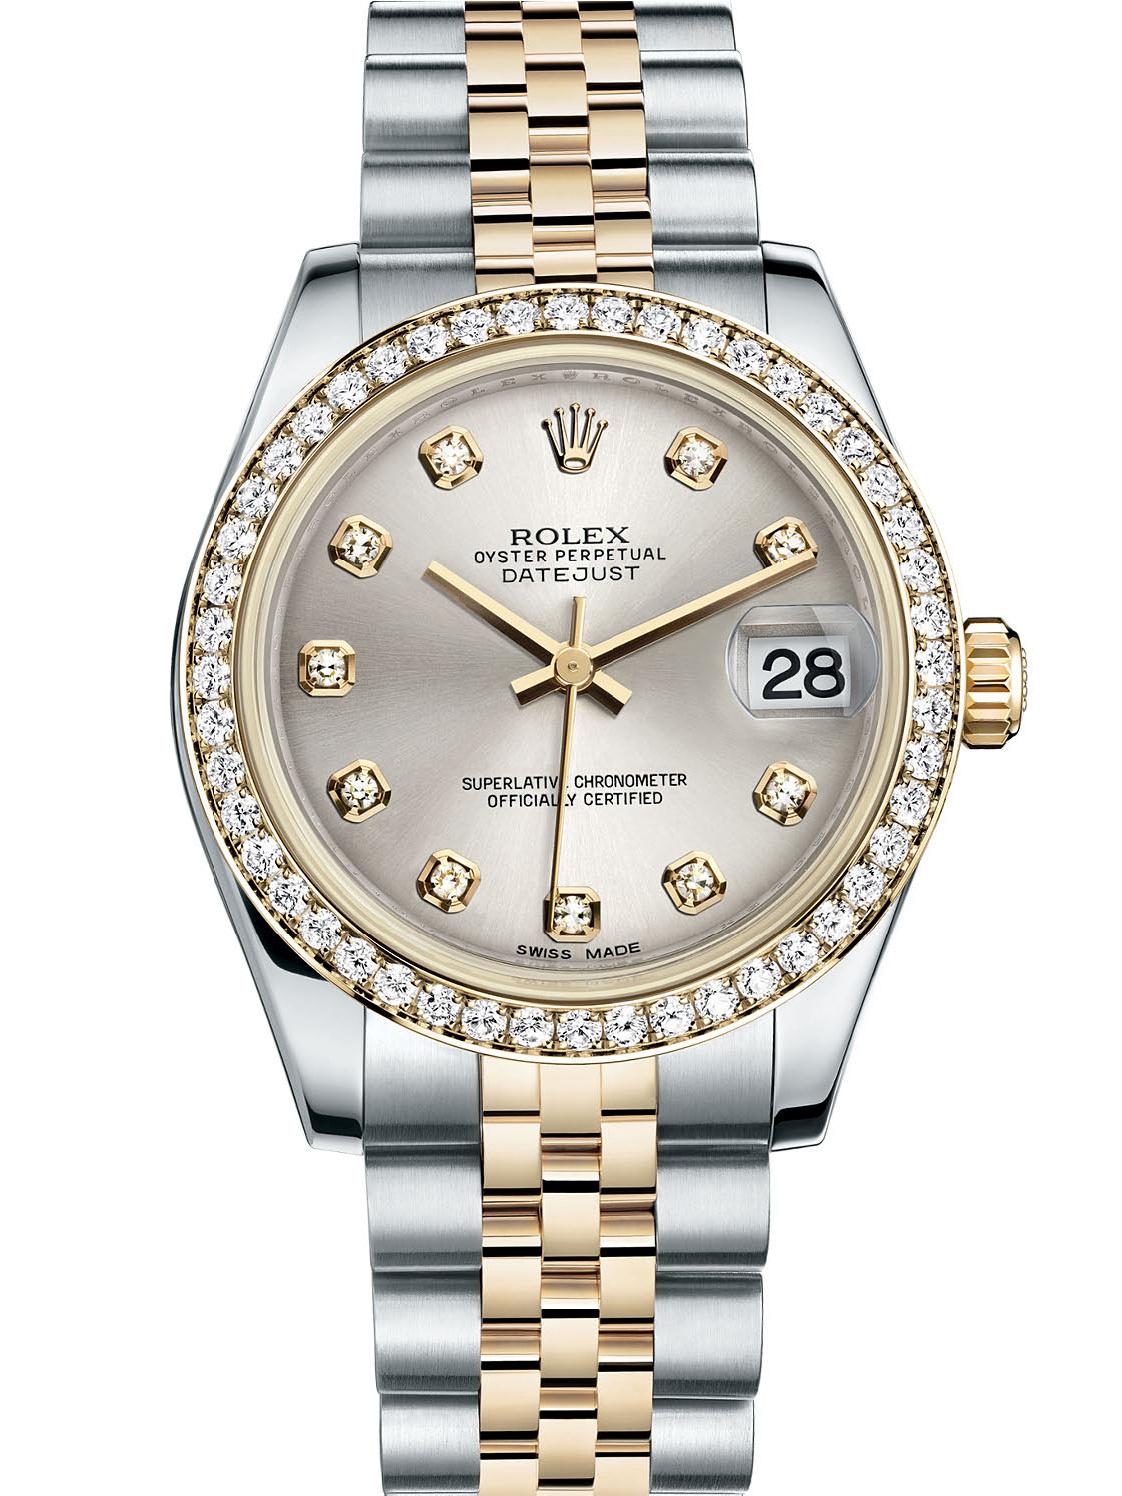 劳力士女装日志型31黄金钢钻圈银面钻标女表178383-0052